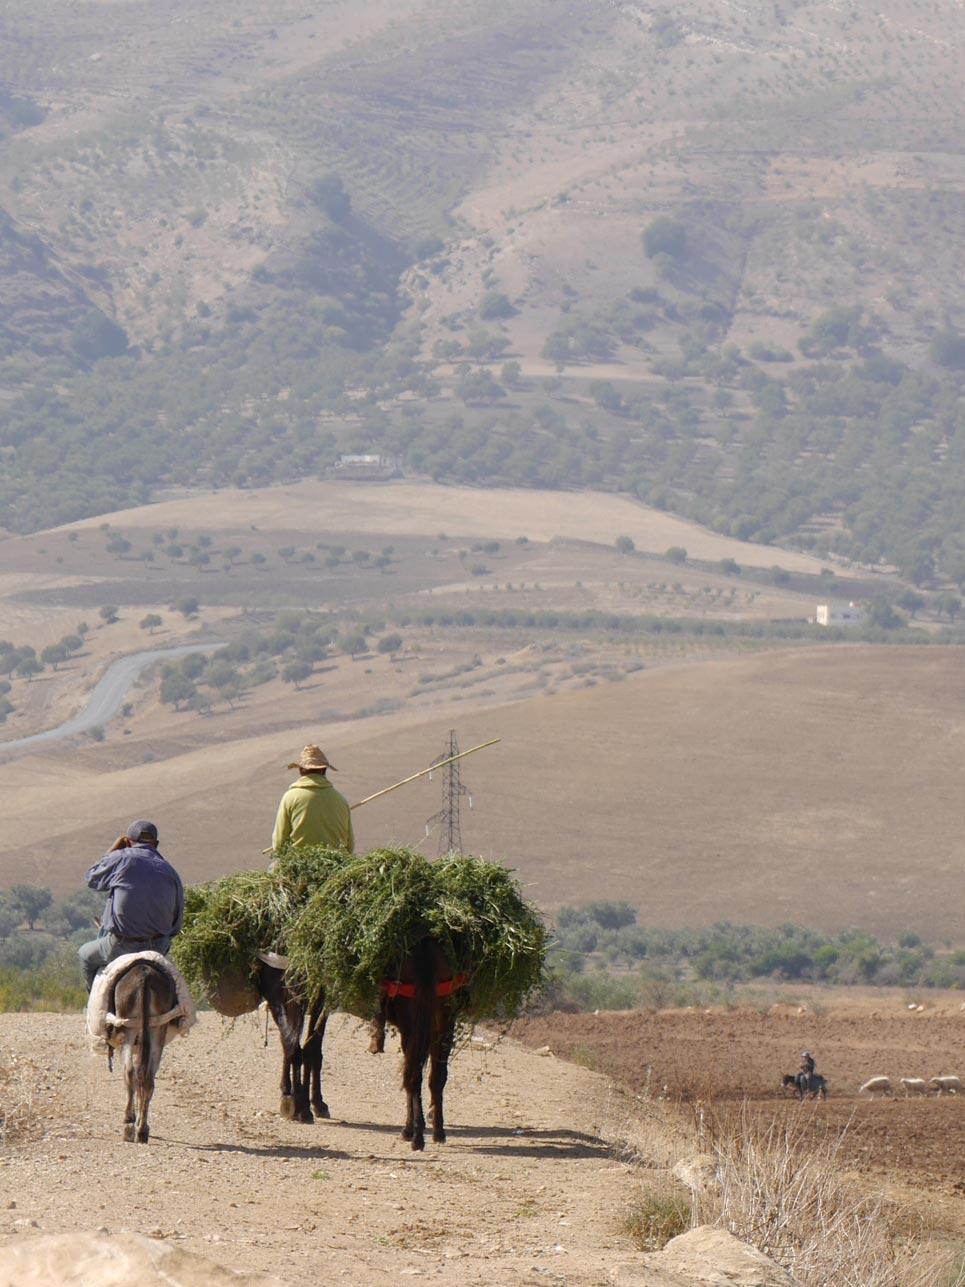 Schnappschuss des Tages: Auf dem Weg von Fez nach Chefchaouen begegneten uns sehr viele Bauern, die sich zumeist auf Eseln fortbewegten.